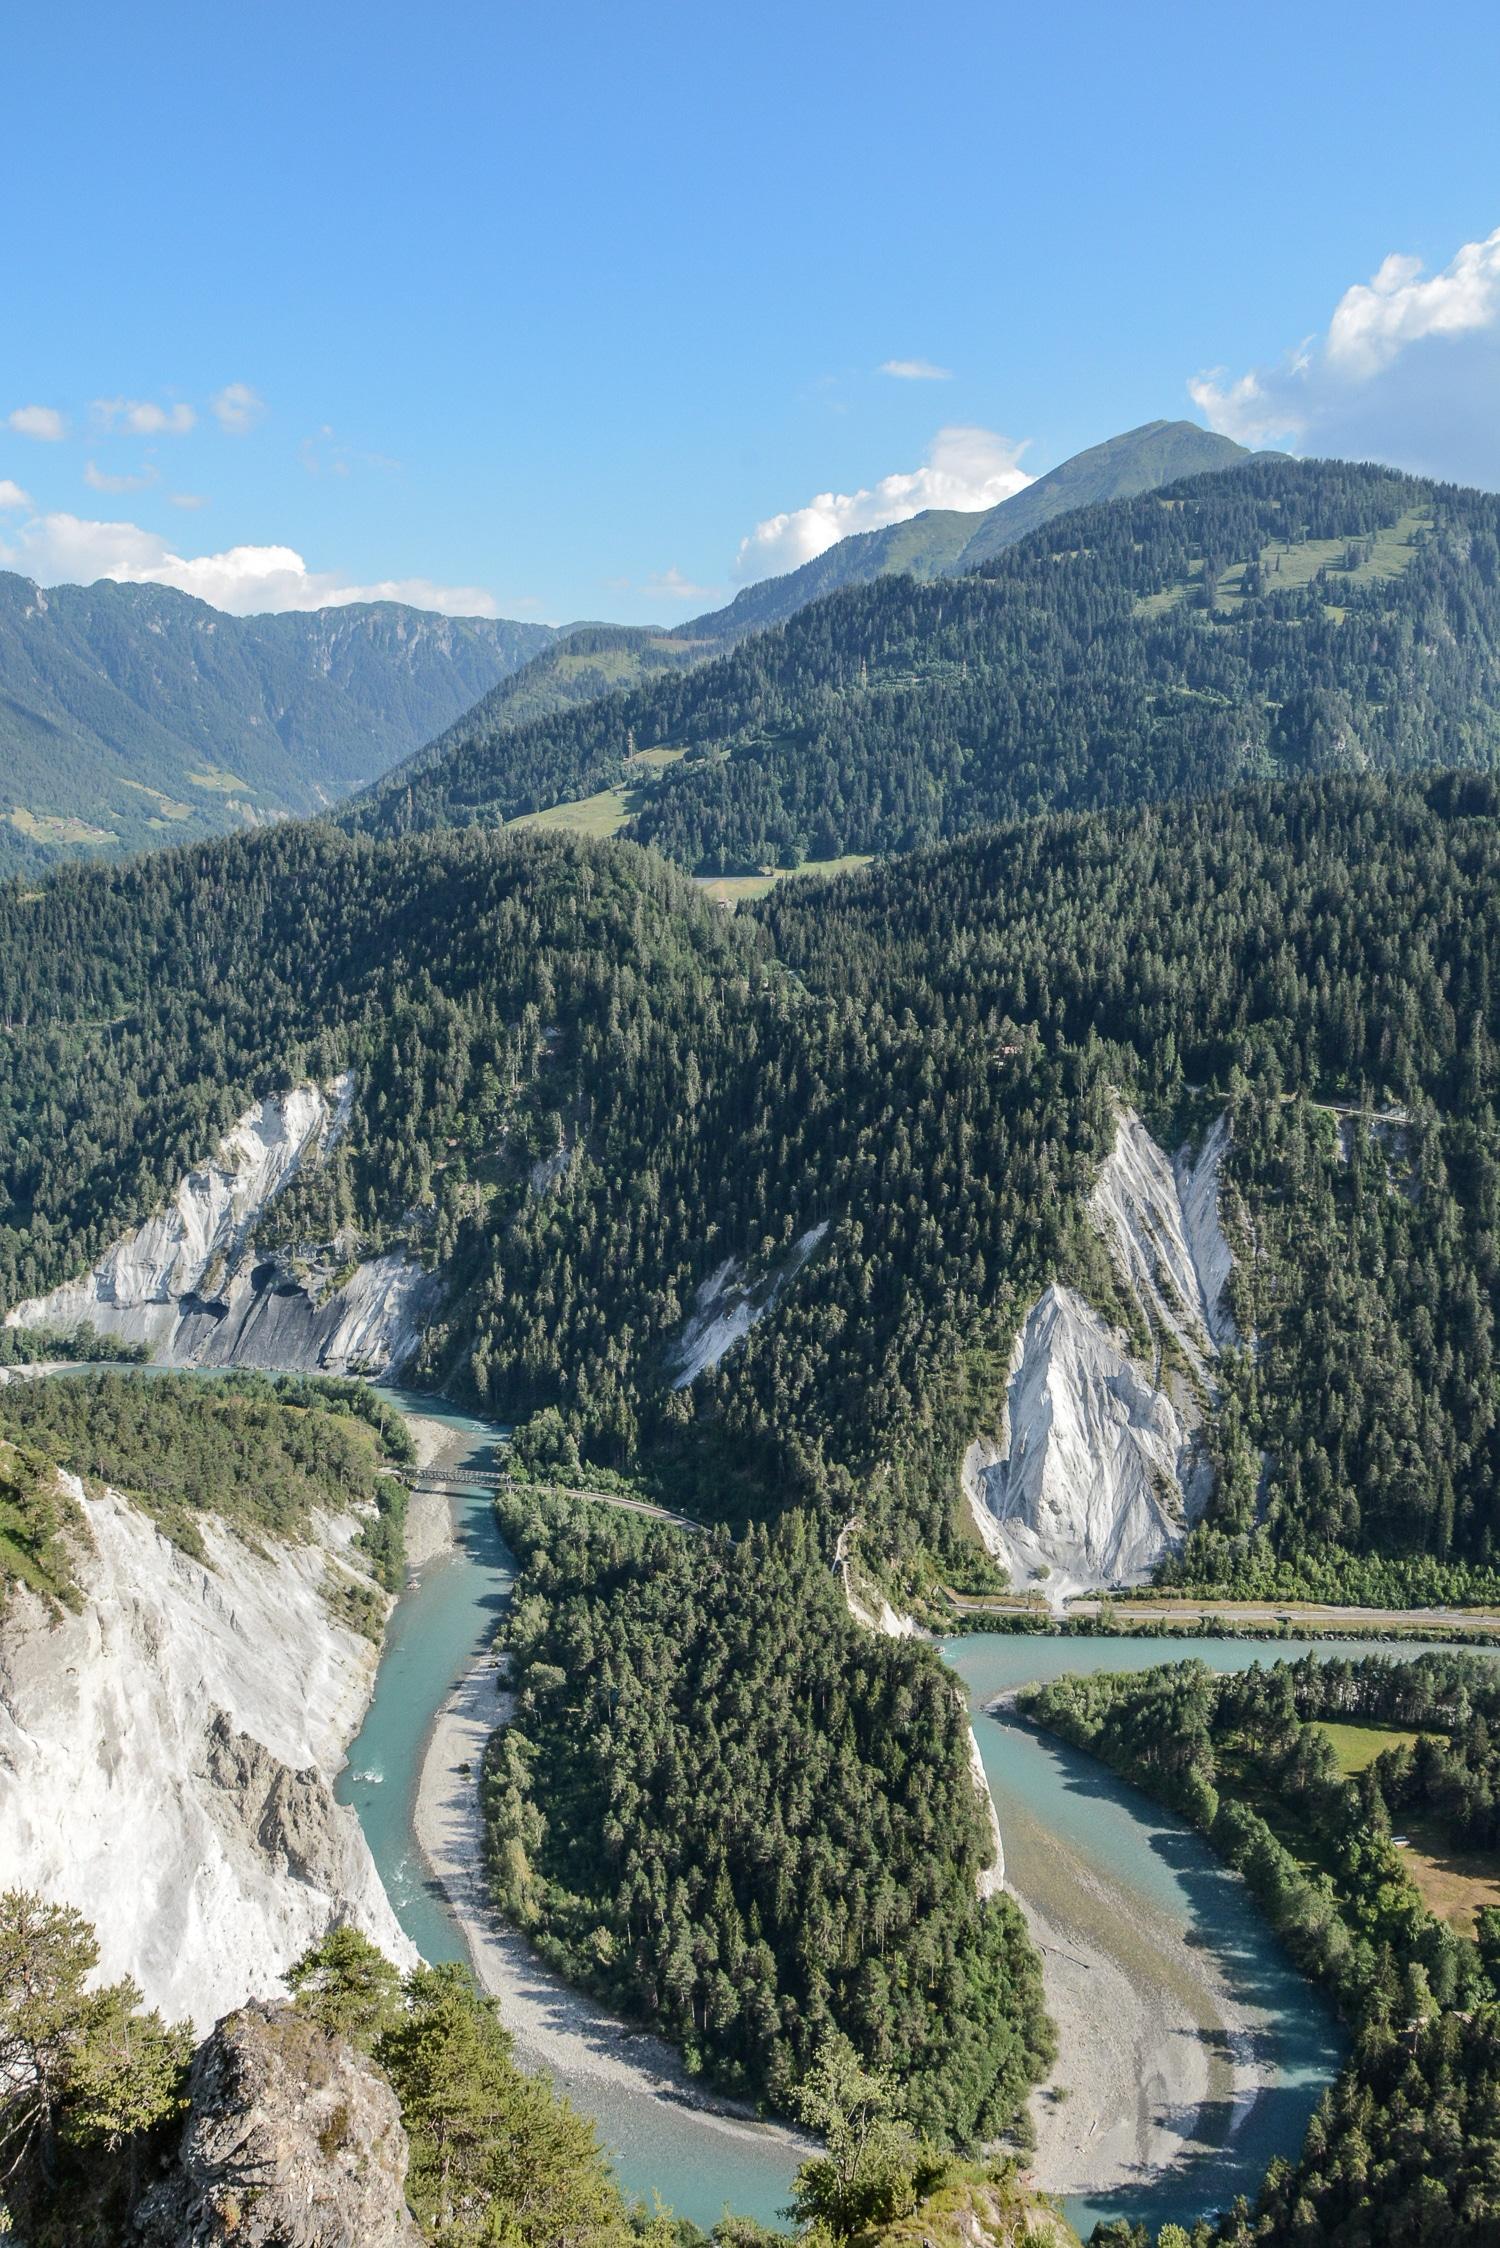 Flims und Laax, Bündner Berge: Wandern, Mountainbiken und Seen in der Schweiz - Rheinschlucht, Ausblick von der Aussichtsplattform II Spir